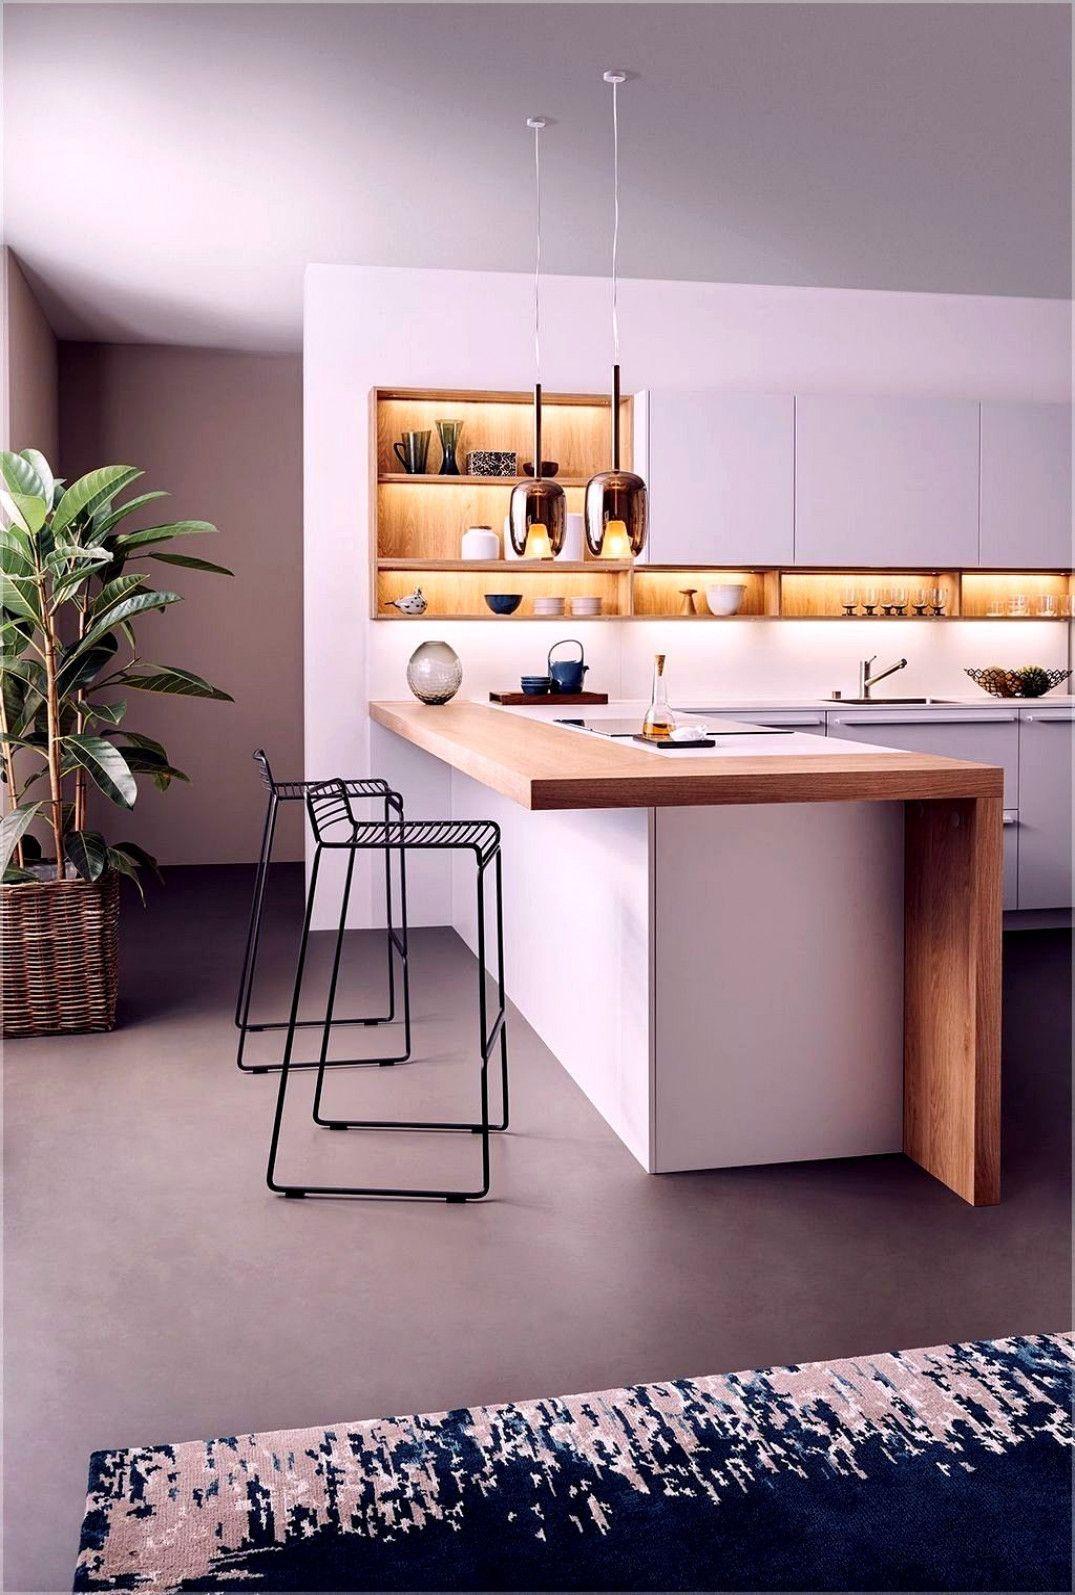 kitchen design software free online small kitchen design ideas ...